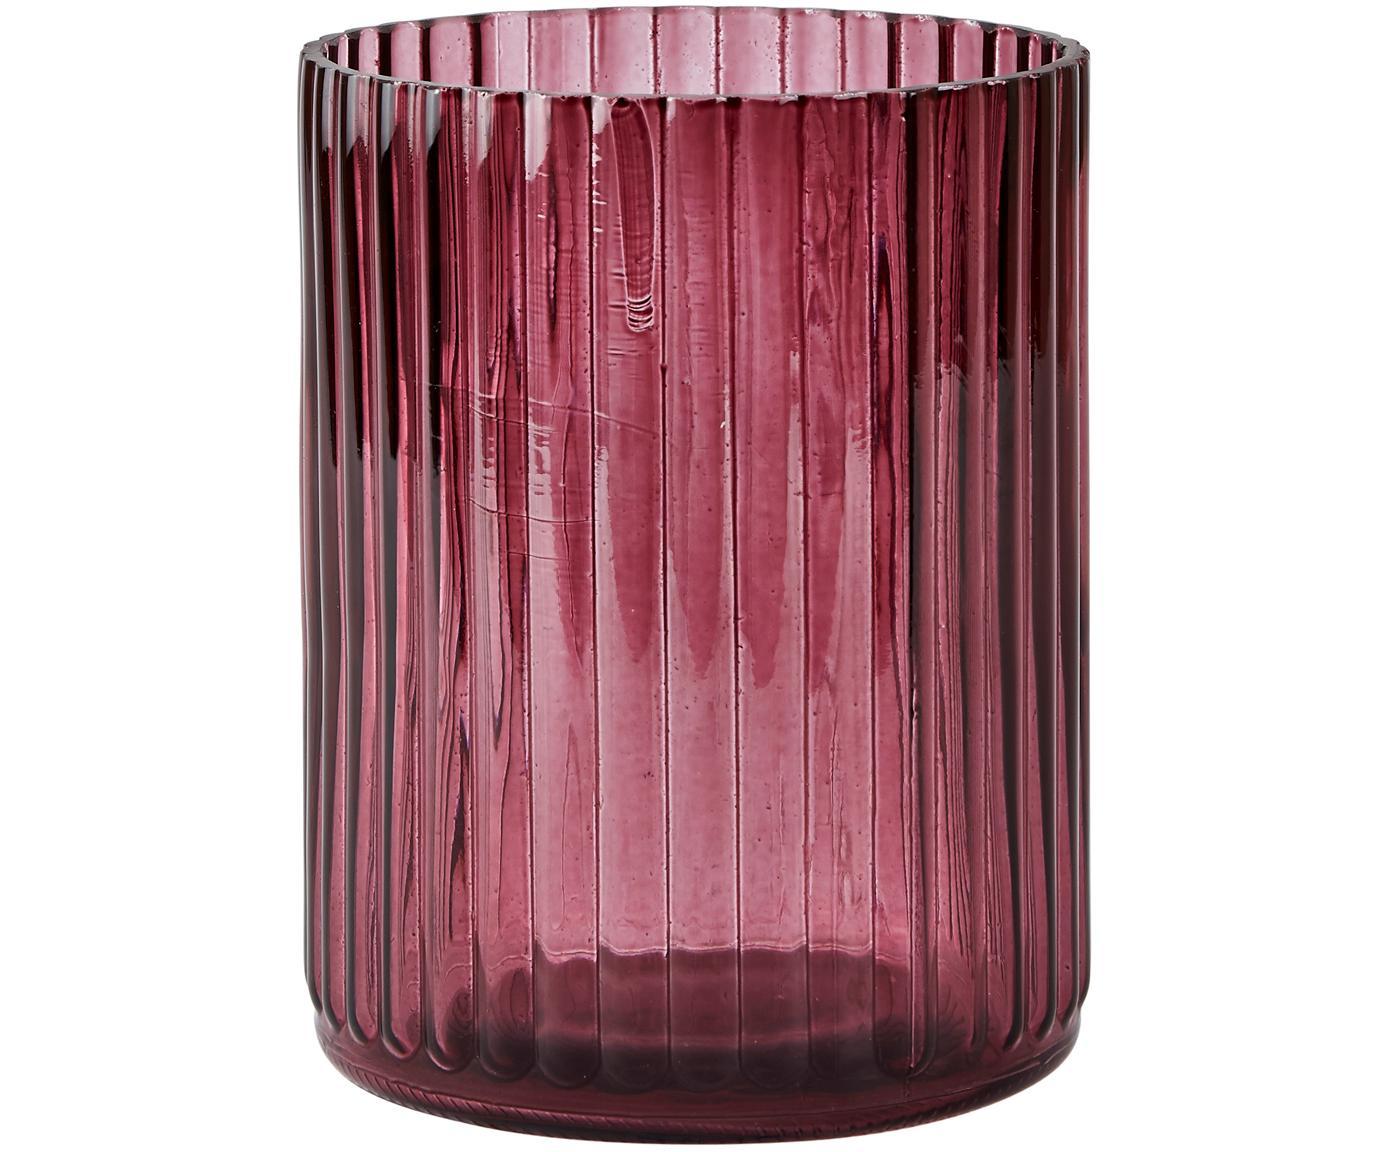 Wazon ze szkła Rubio, Szkło, Bordowy, transparentny, Ø 11 x W 15 cm